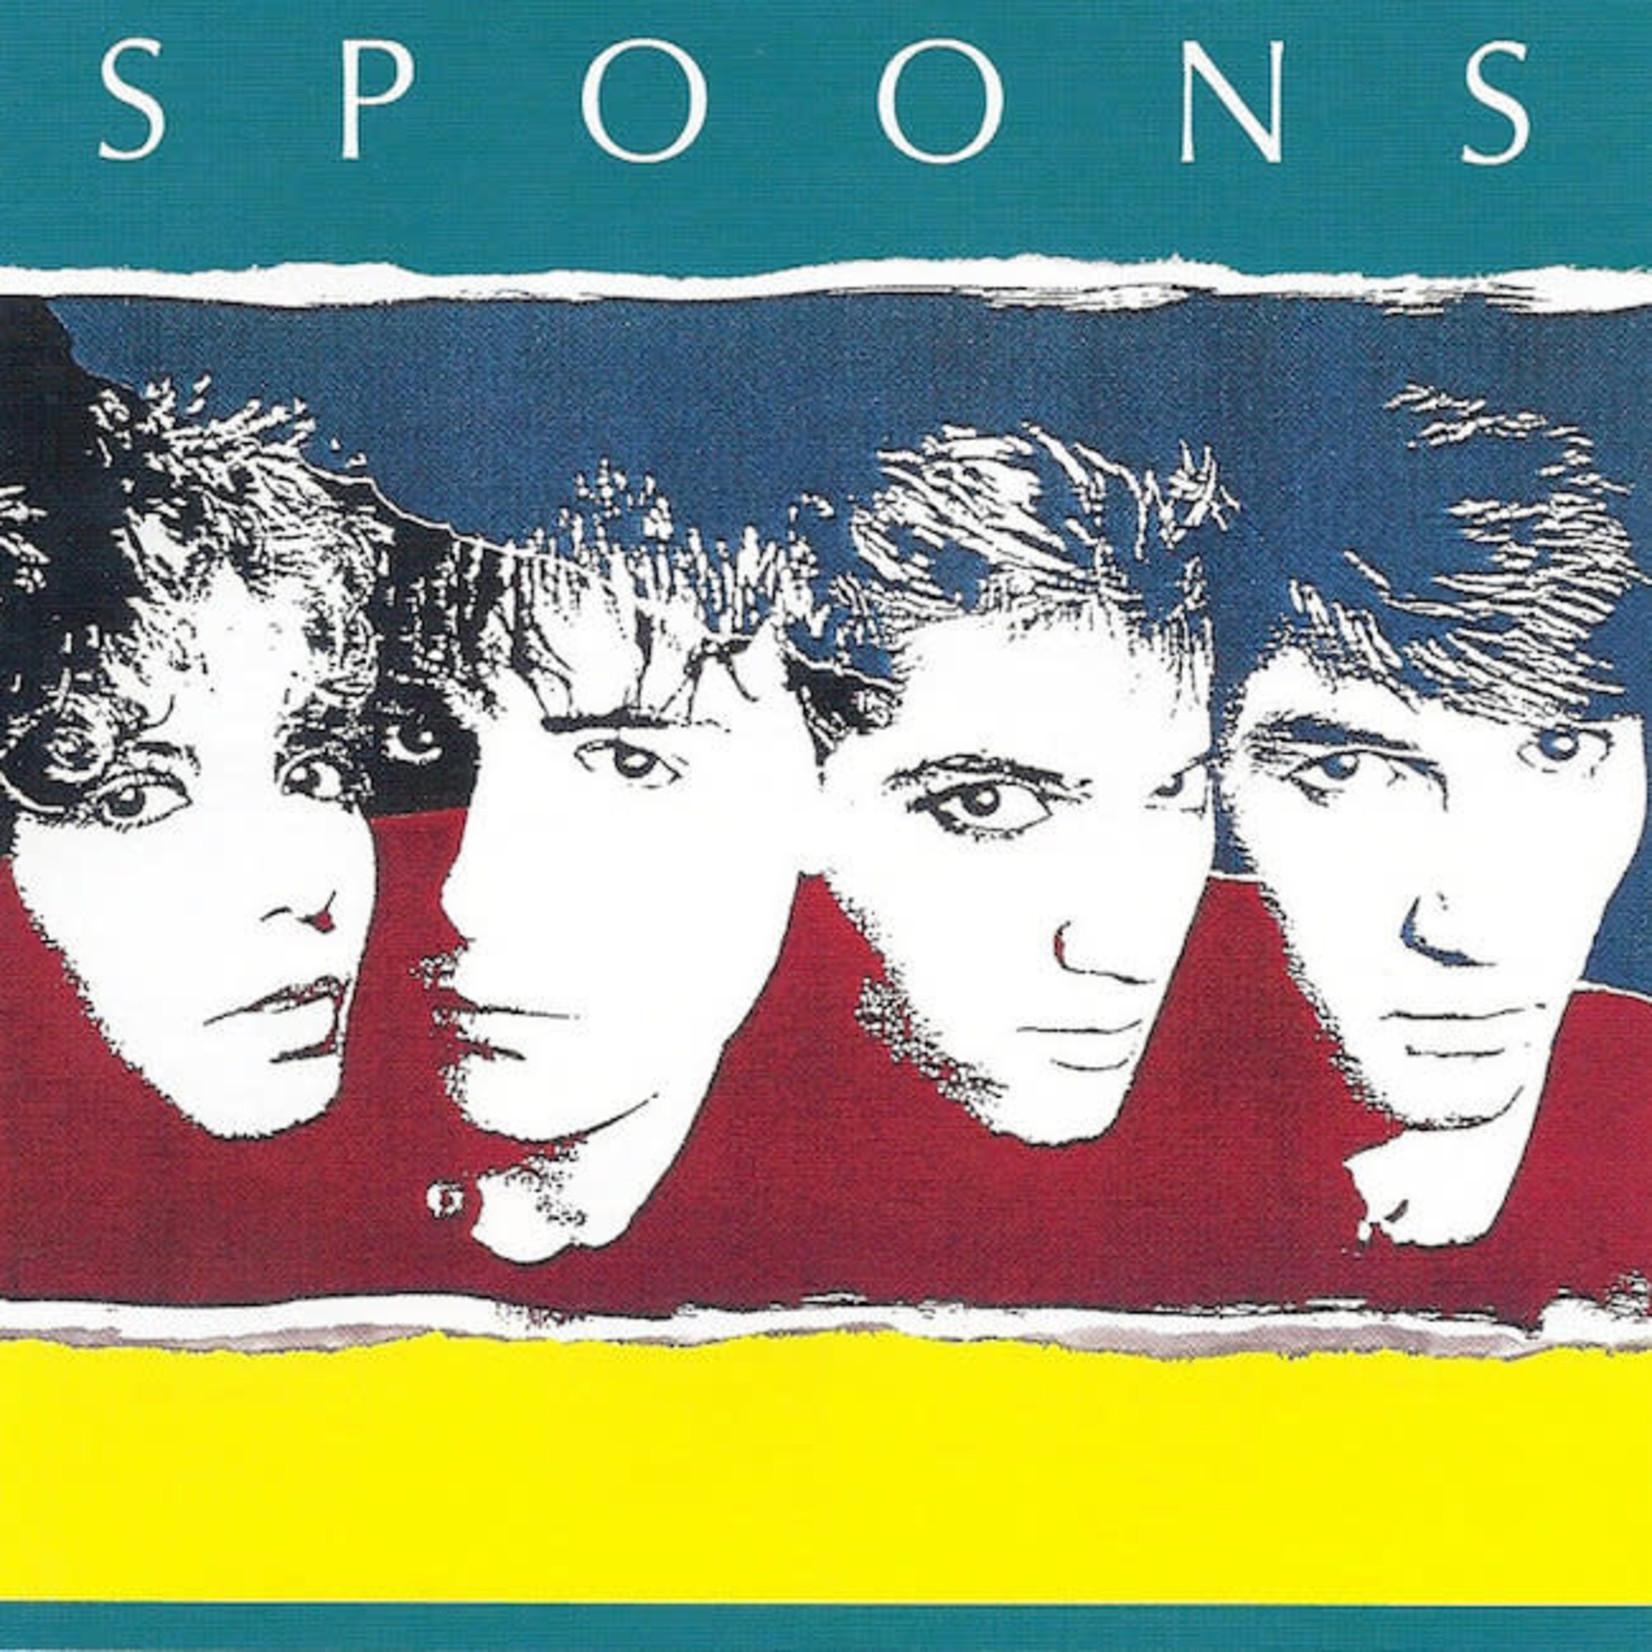 [Vintage] Spoons: Talkback